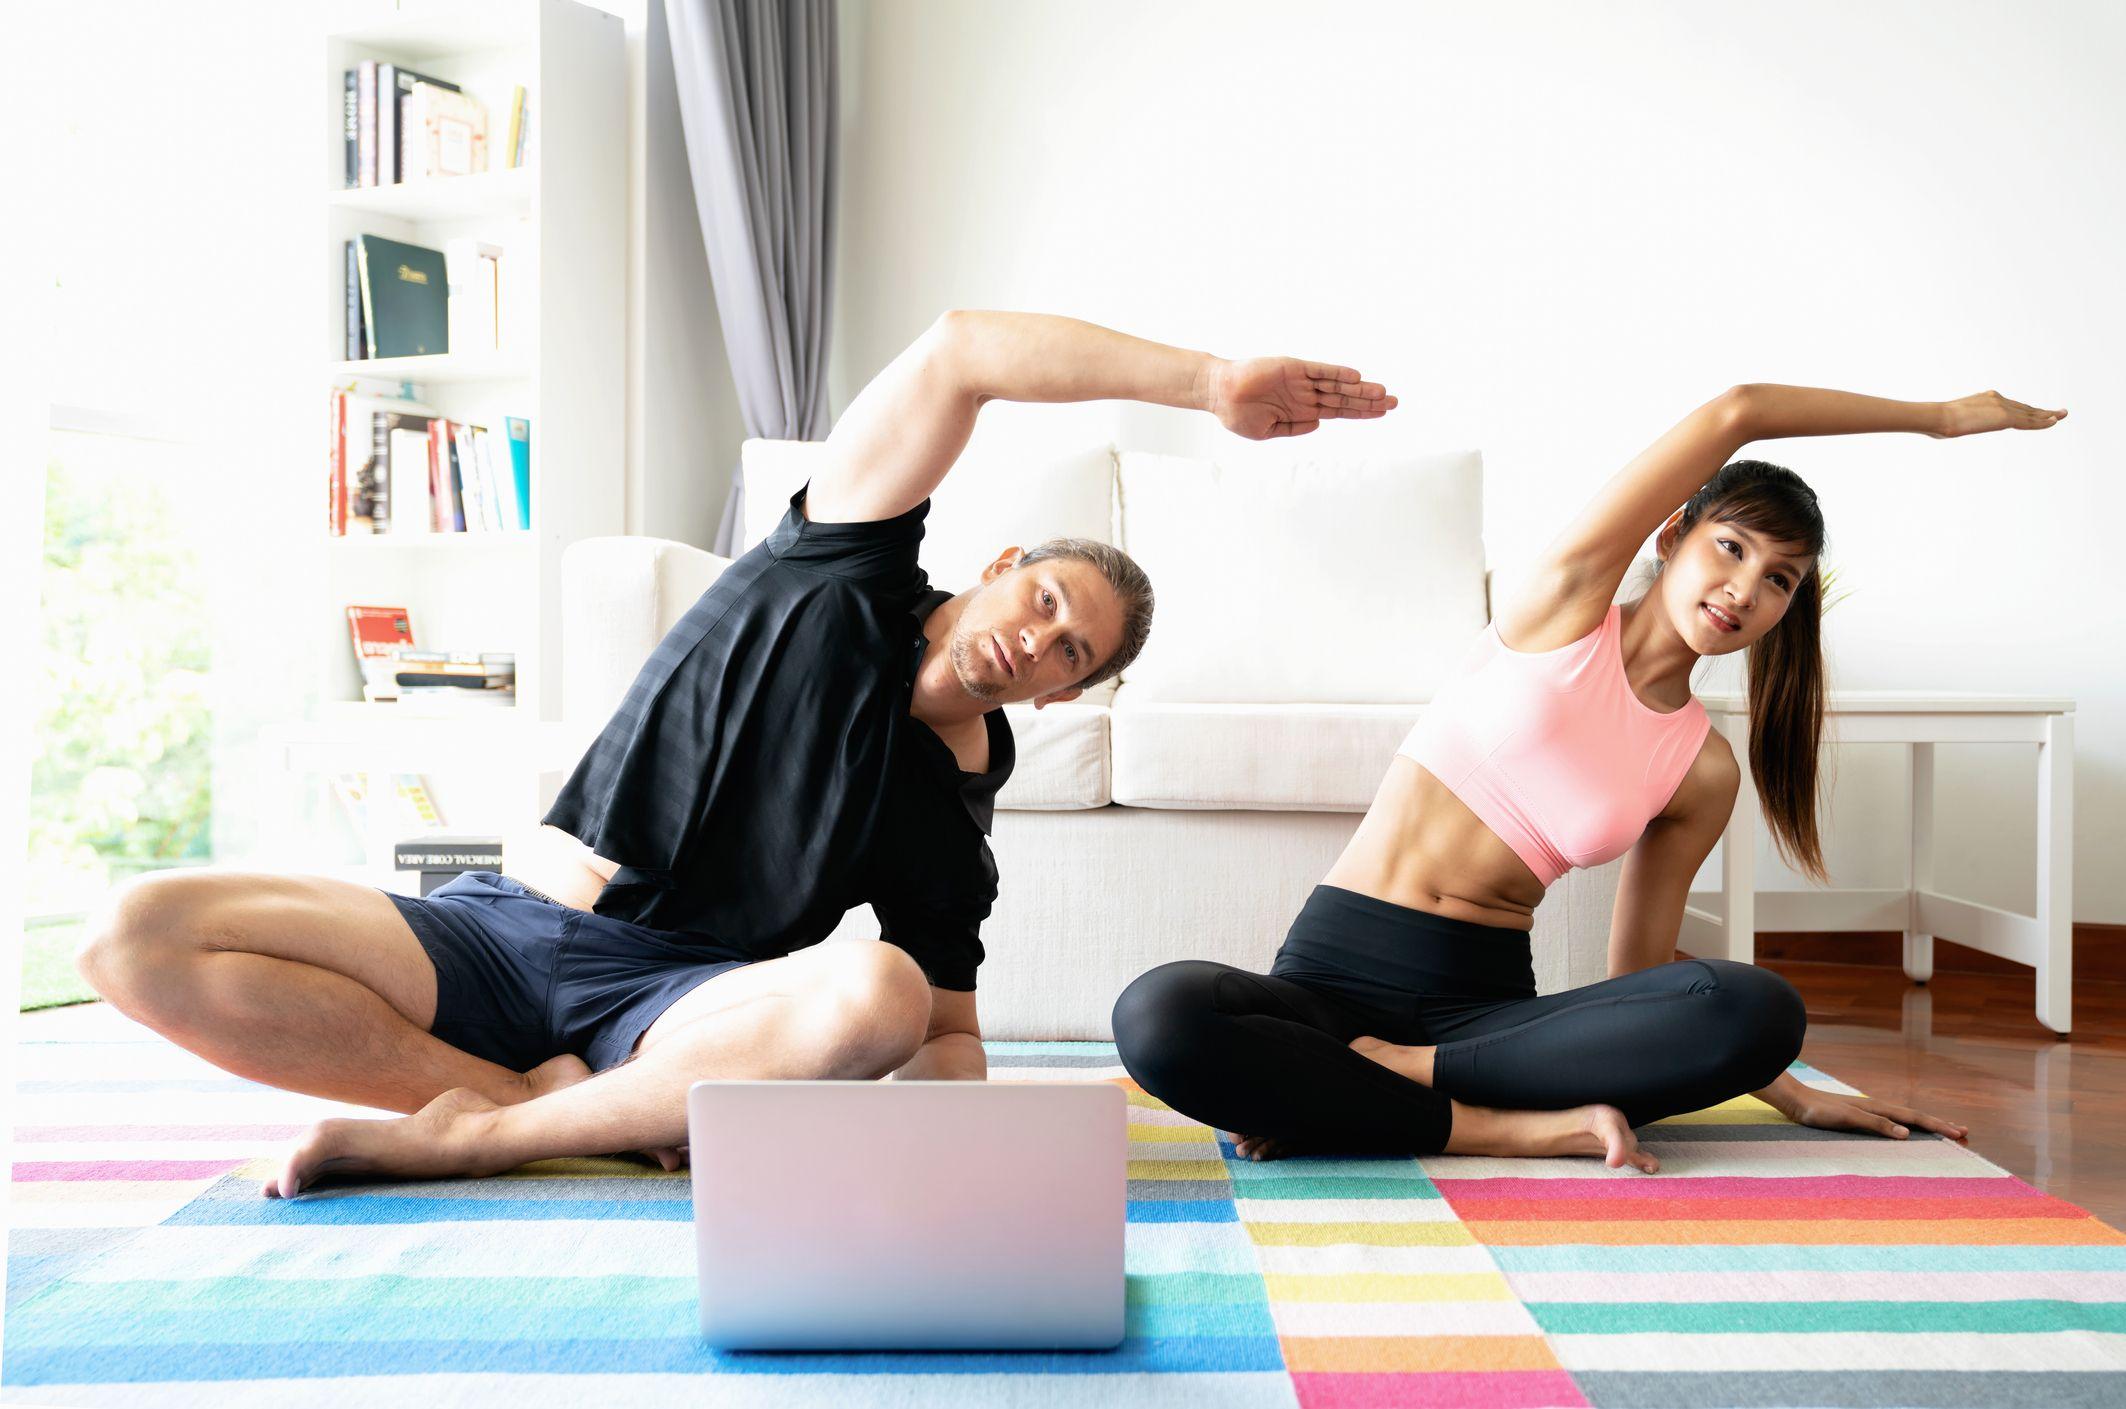 Los cambios en la actividad física, la dieta y el sueño durante la cuarentena se asocian con un estado de ánimo negativo, según un estudio